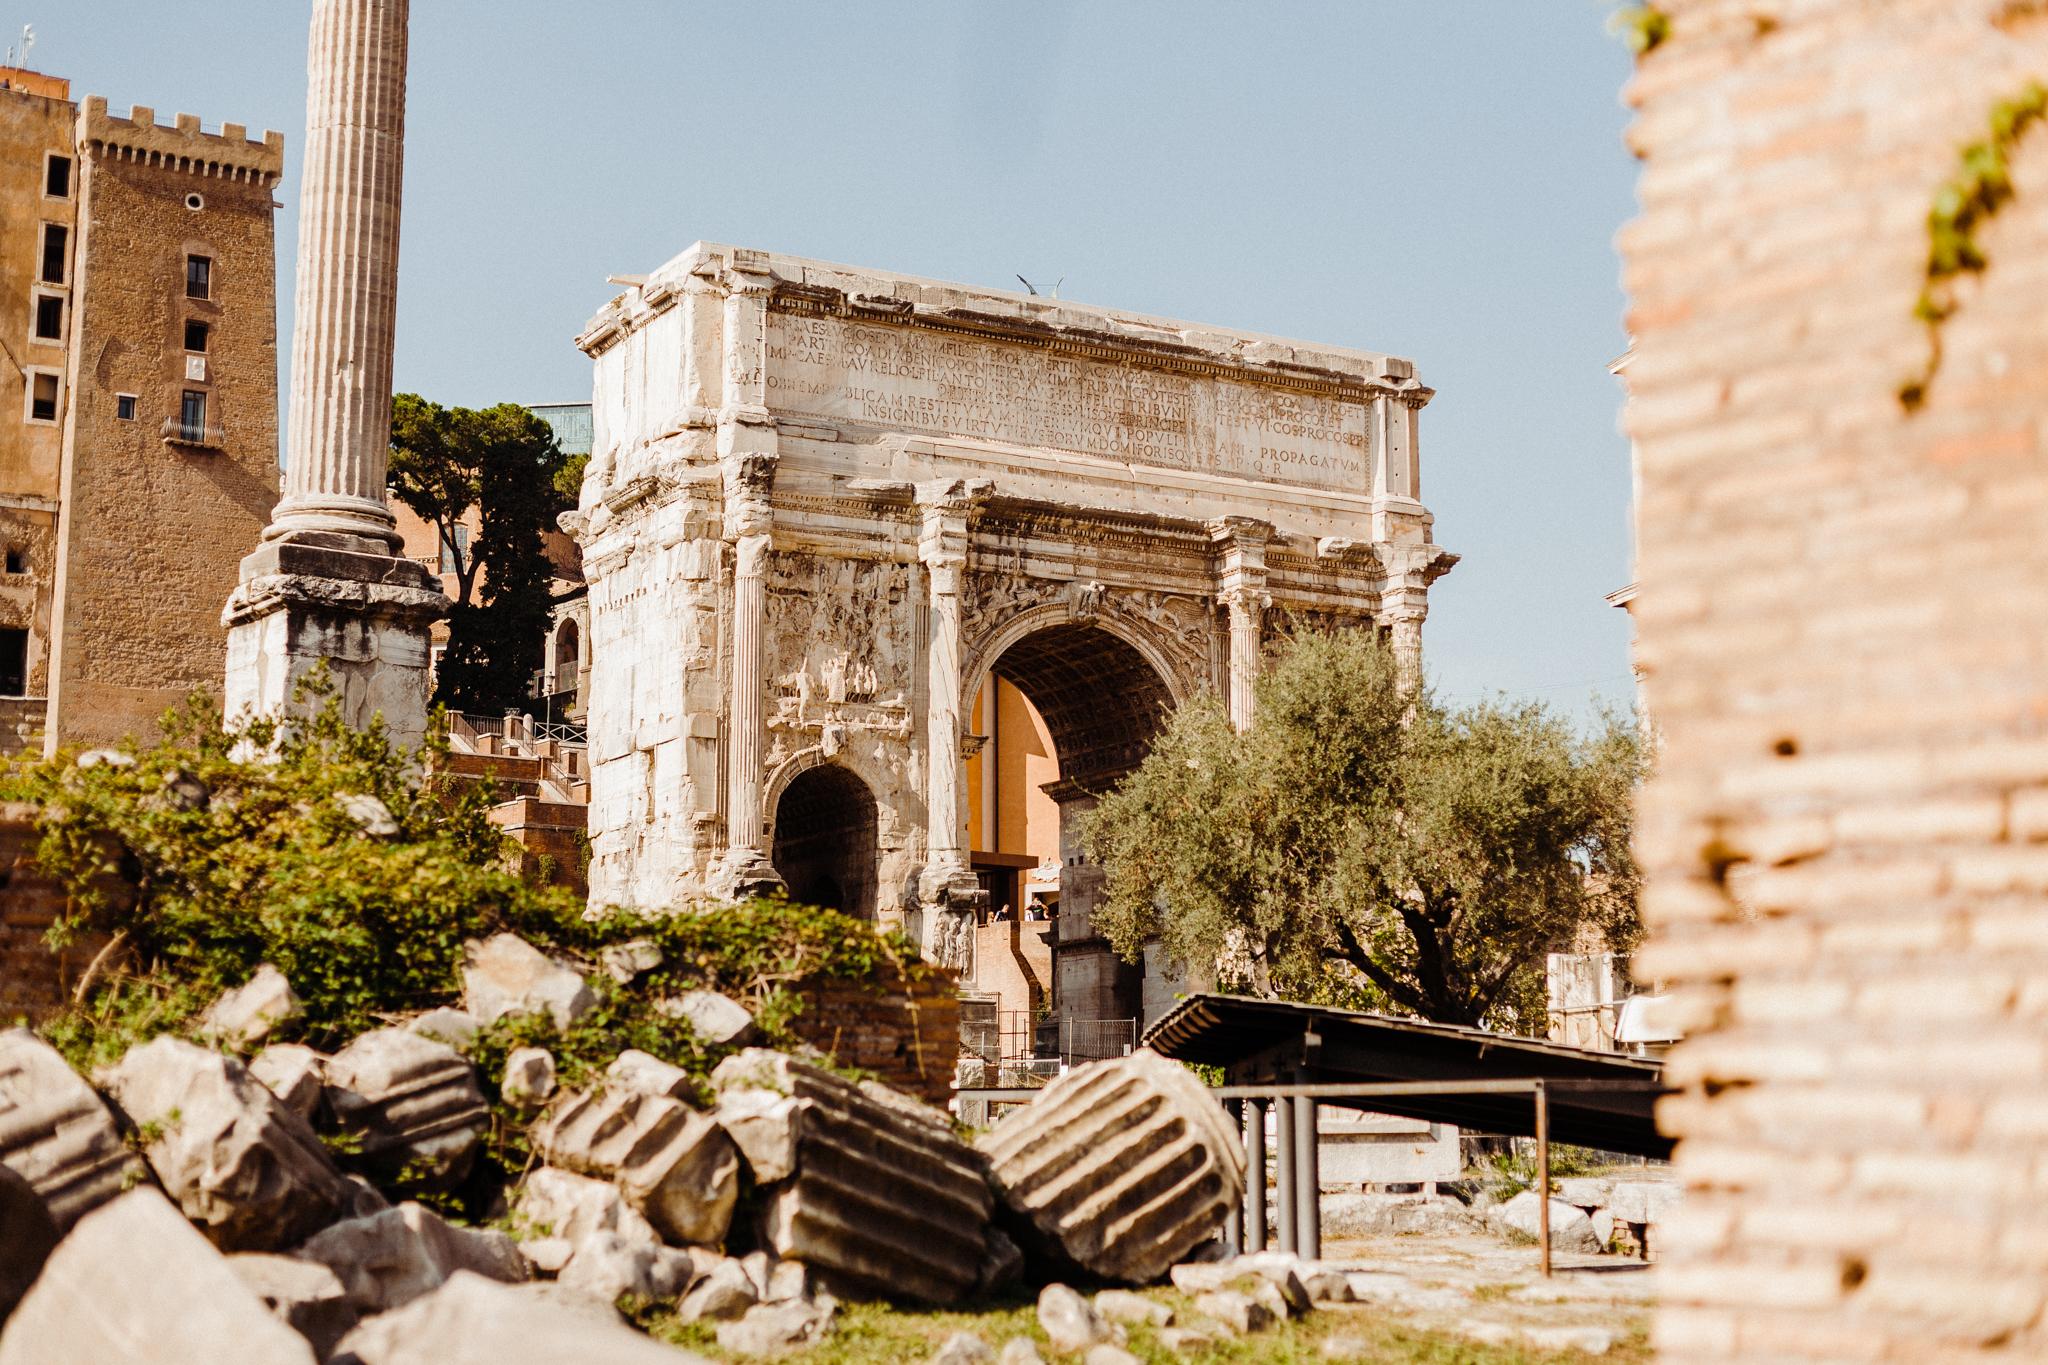 Firenze (2) Originals_092_blog_2048